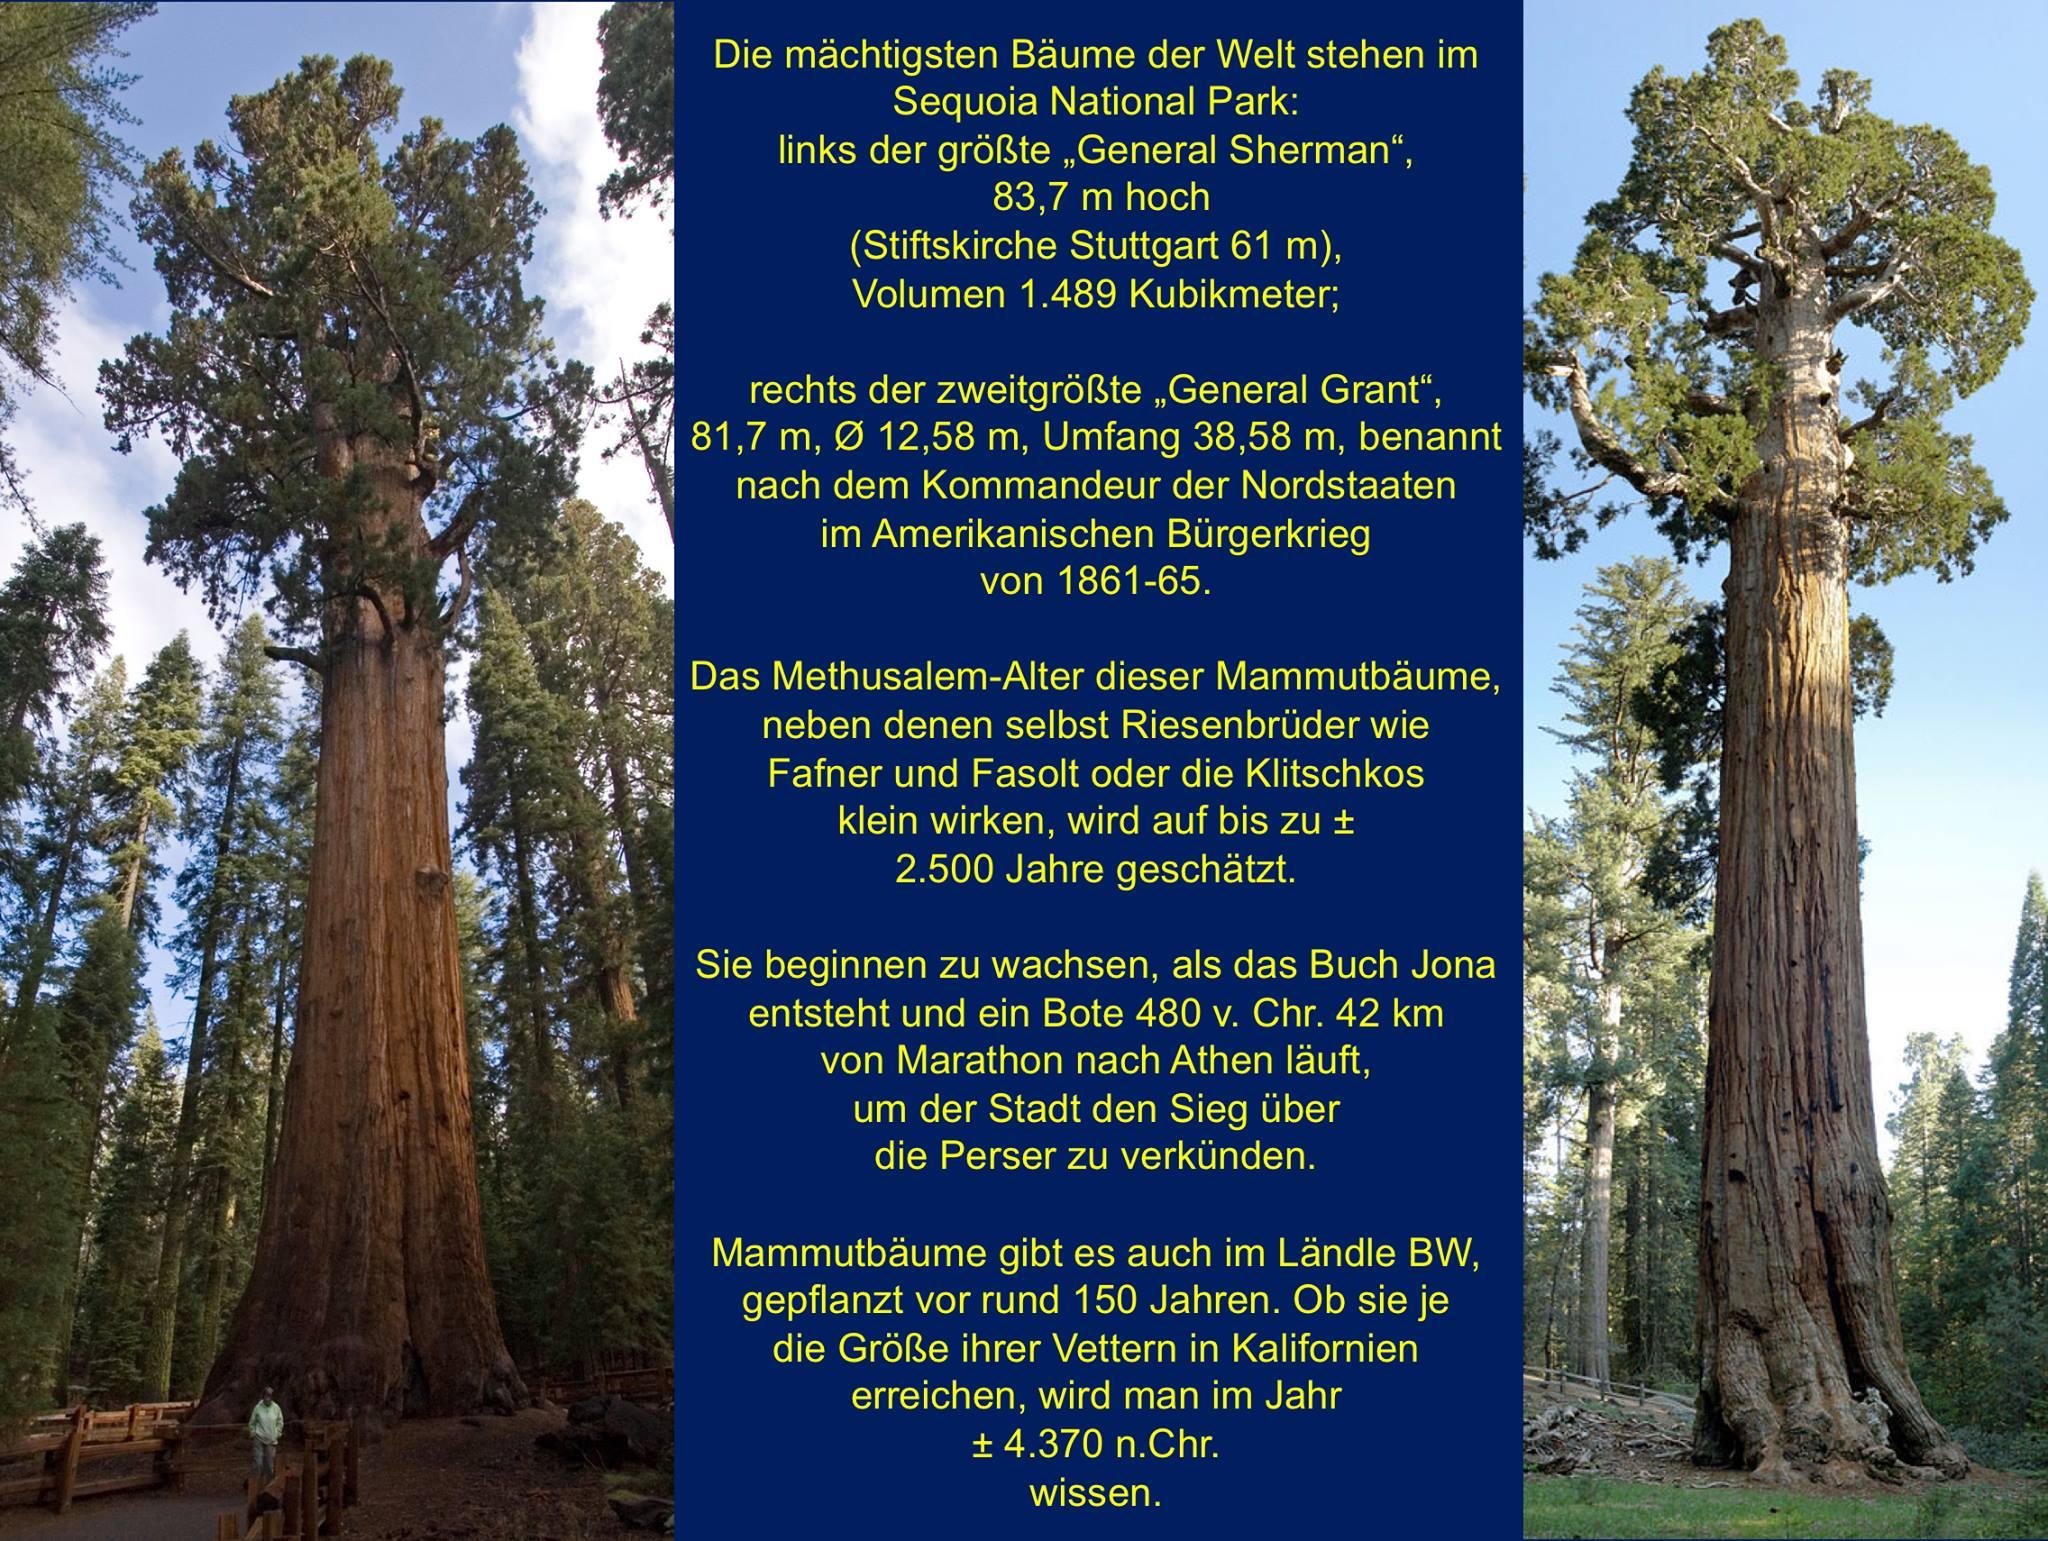 Buchsdinos und weitere Naturriesen – Sequoia National Park: Mammutbäume nach den Gegnern im Unabhängigkeitskrieg benannt